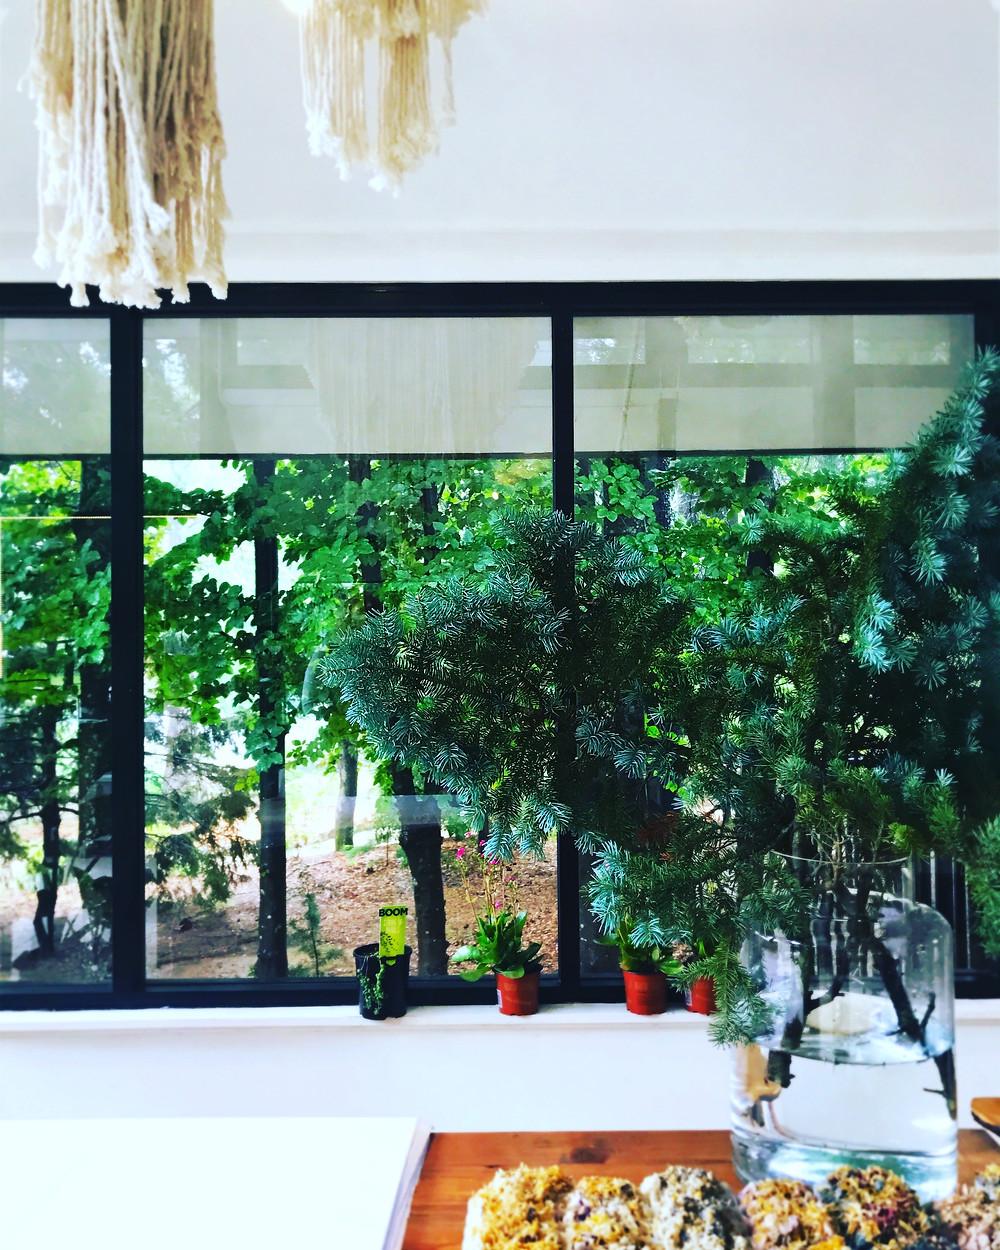 Clovar-creative-sorensen-glasshouse-and-garden-leura-gifts